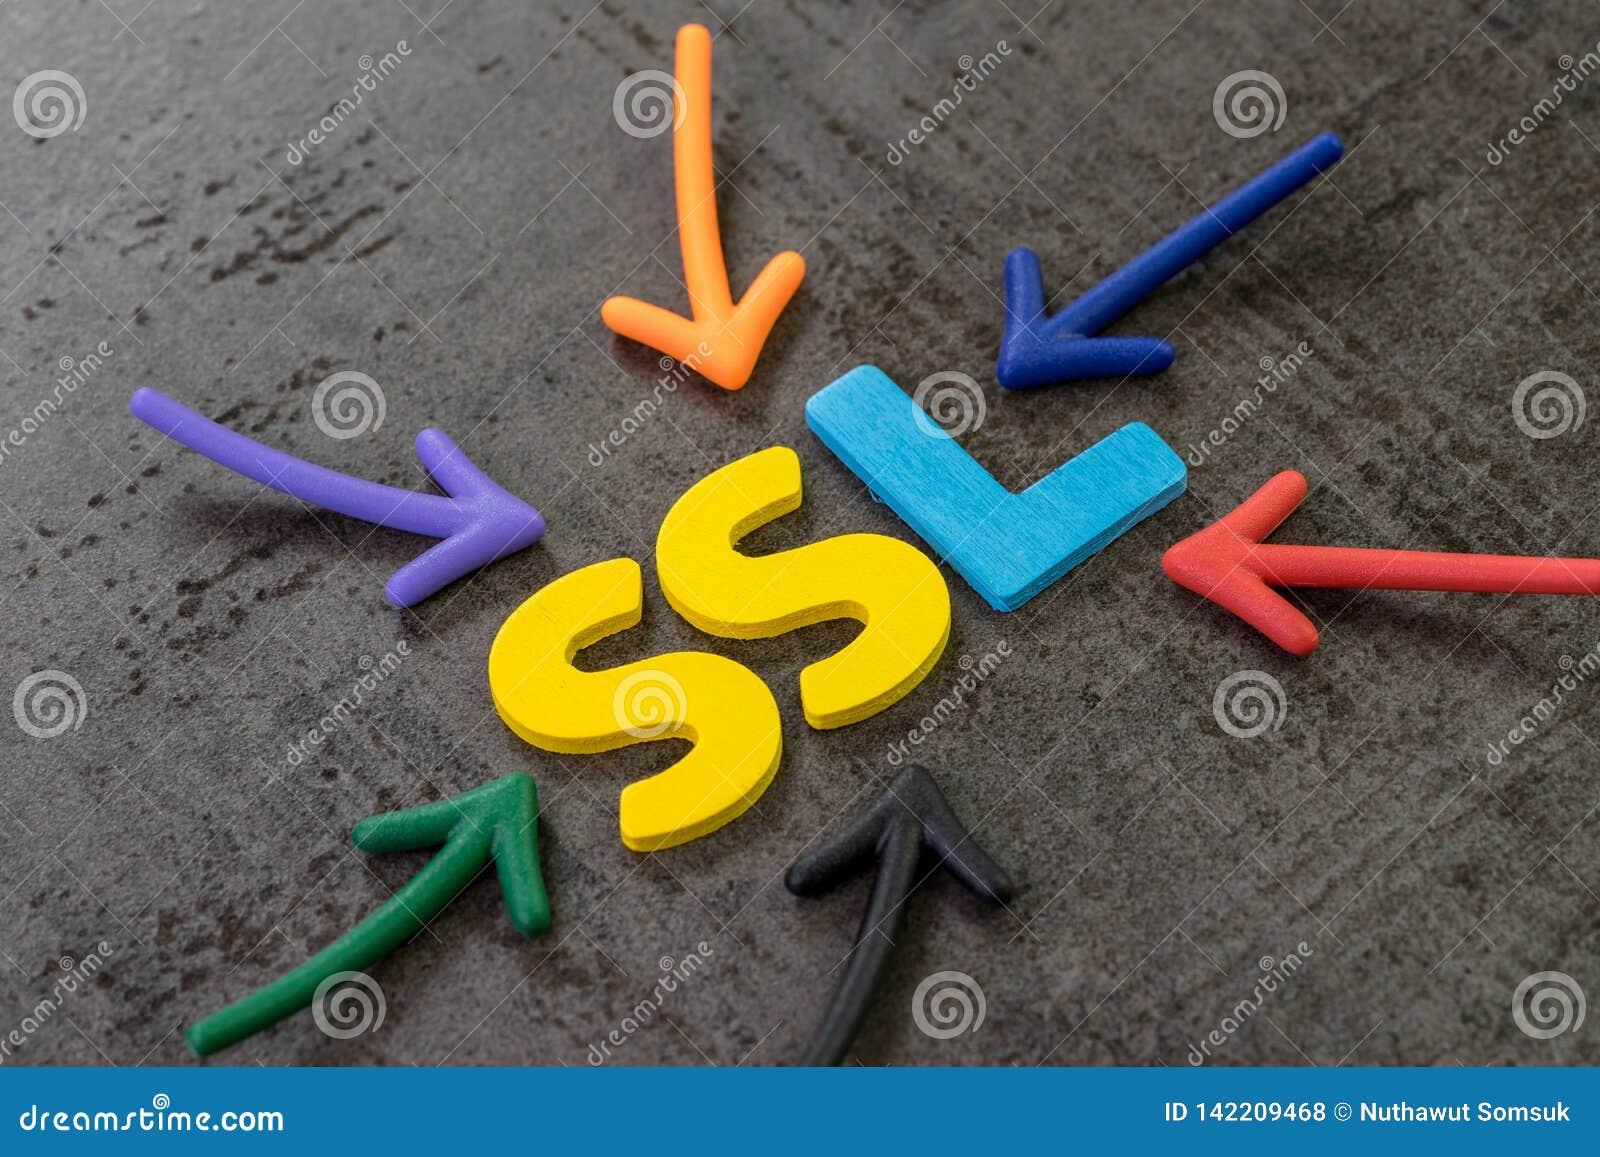 SSL, concept de Secure Sockets Layer, flèches multi de couleur indiquant le mot SSL au centre du mur noir de tableau de ciment,